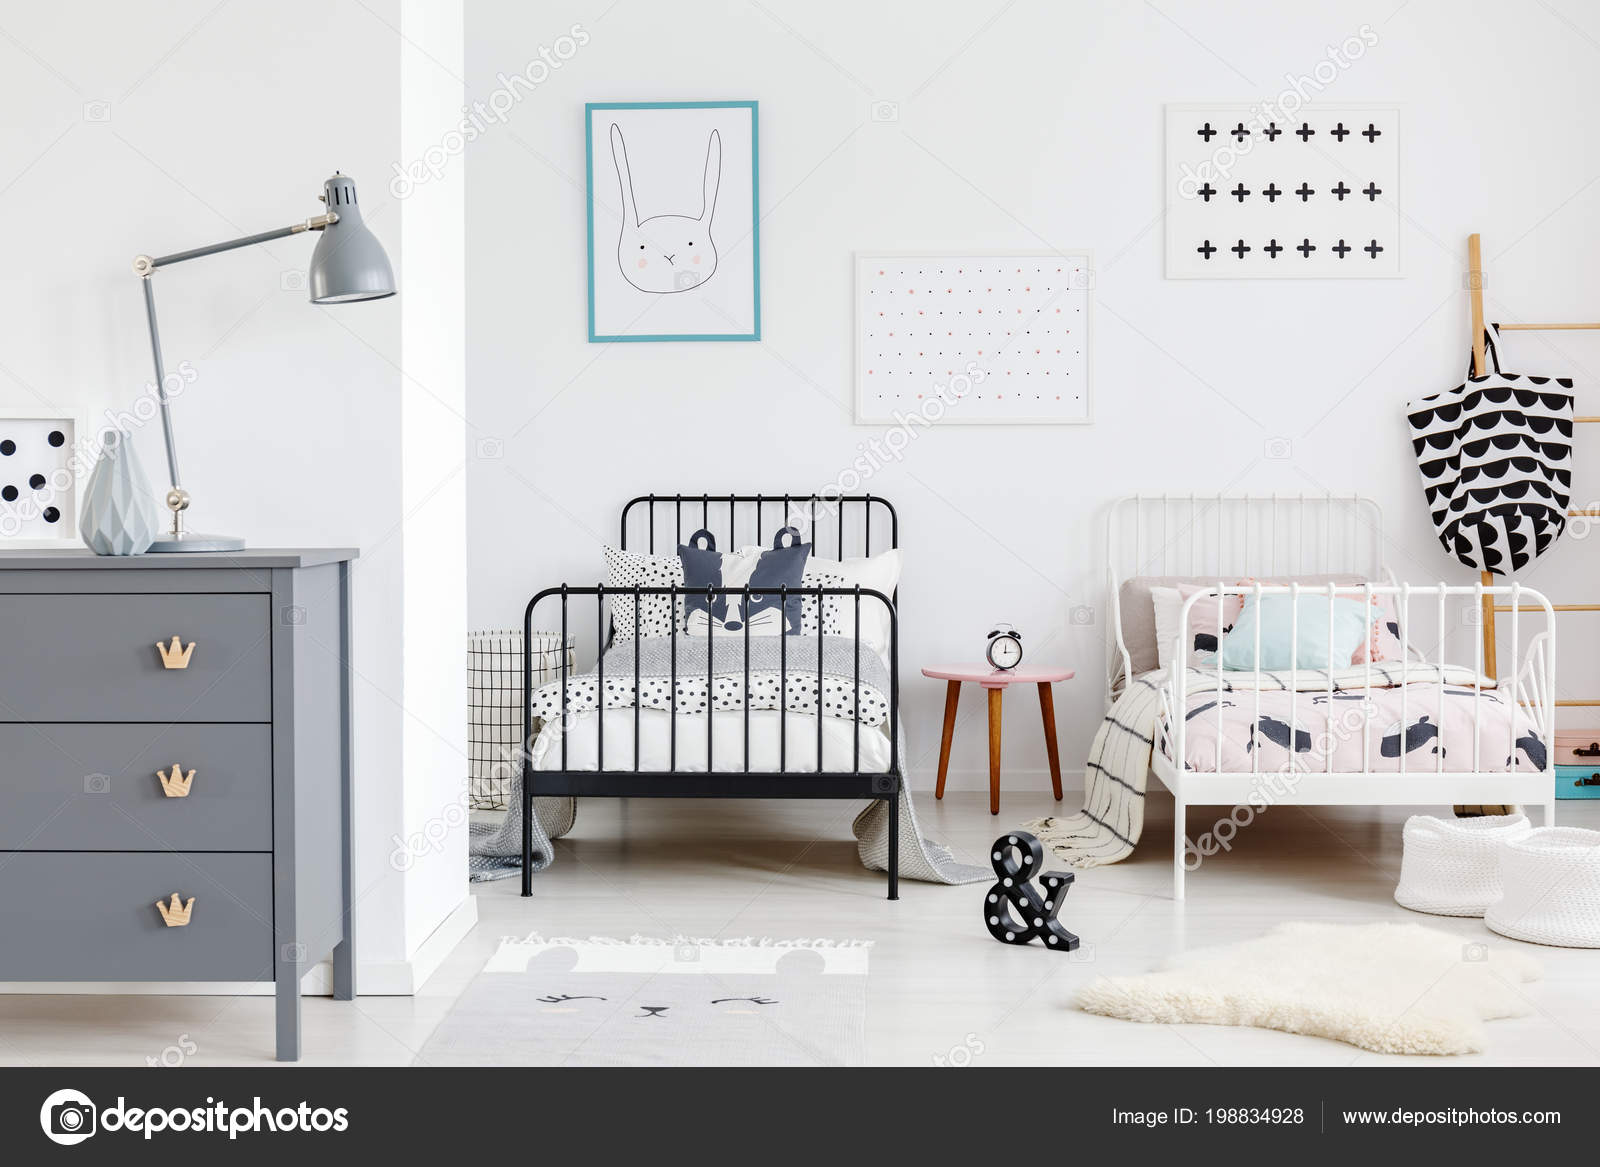 Slaapkamer Lamp Zwart : Grijze lamp kabinet kinderen slaapkamer interieur met posters